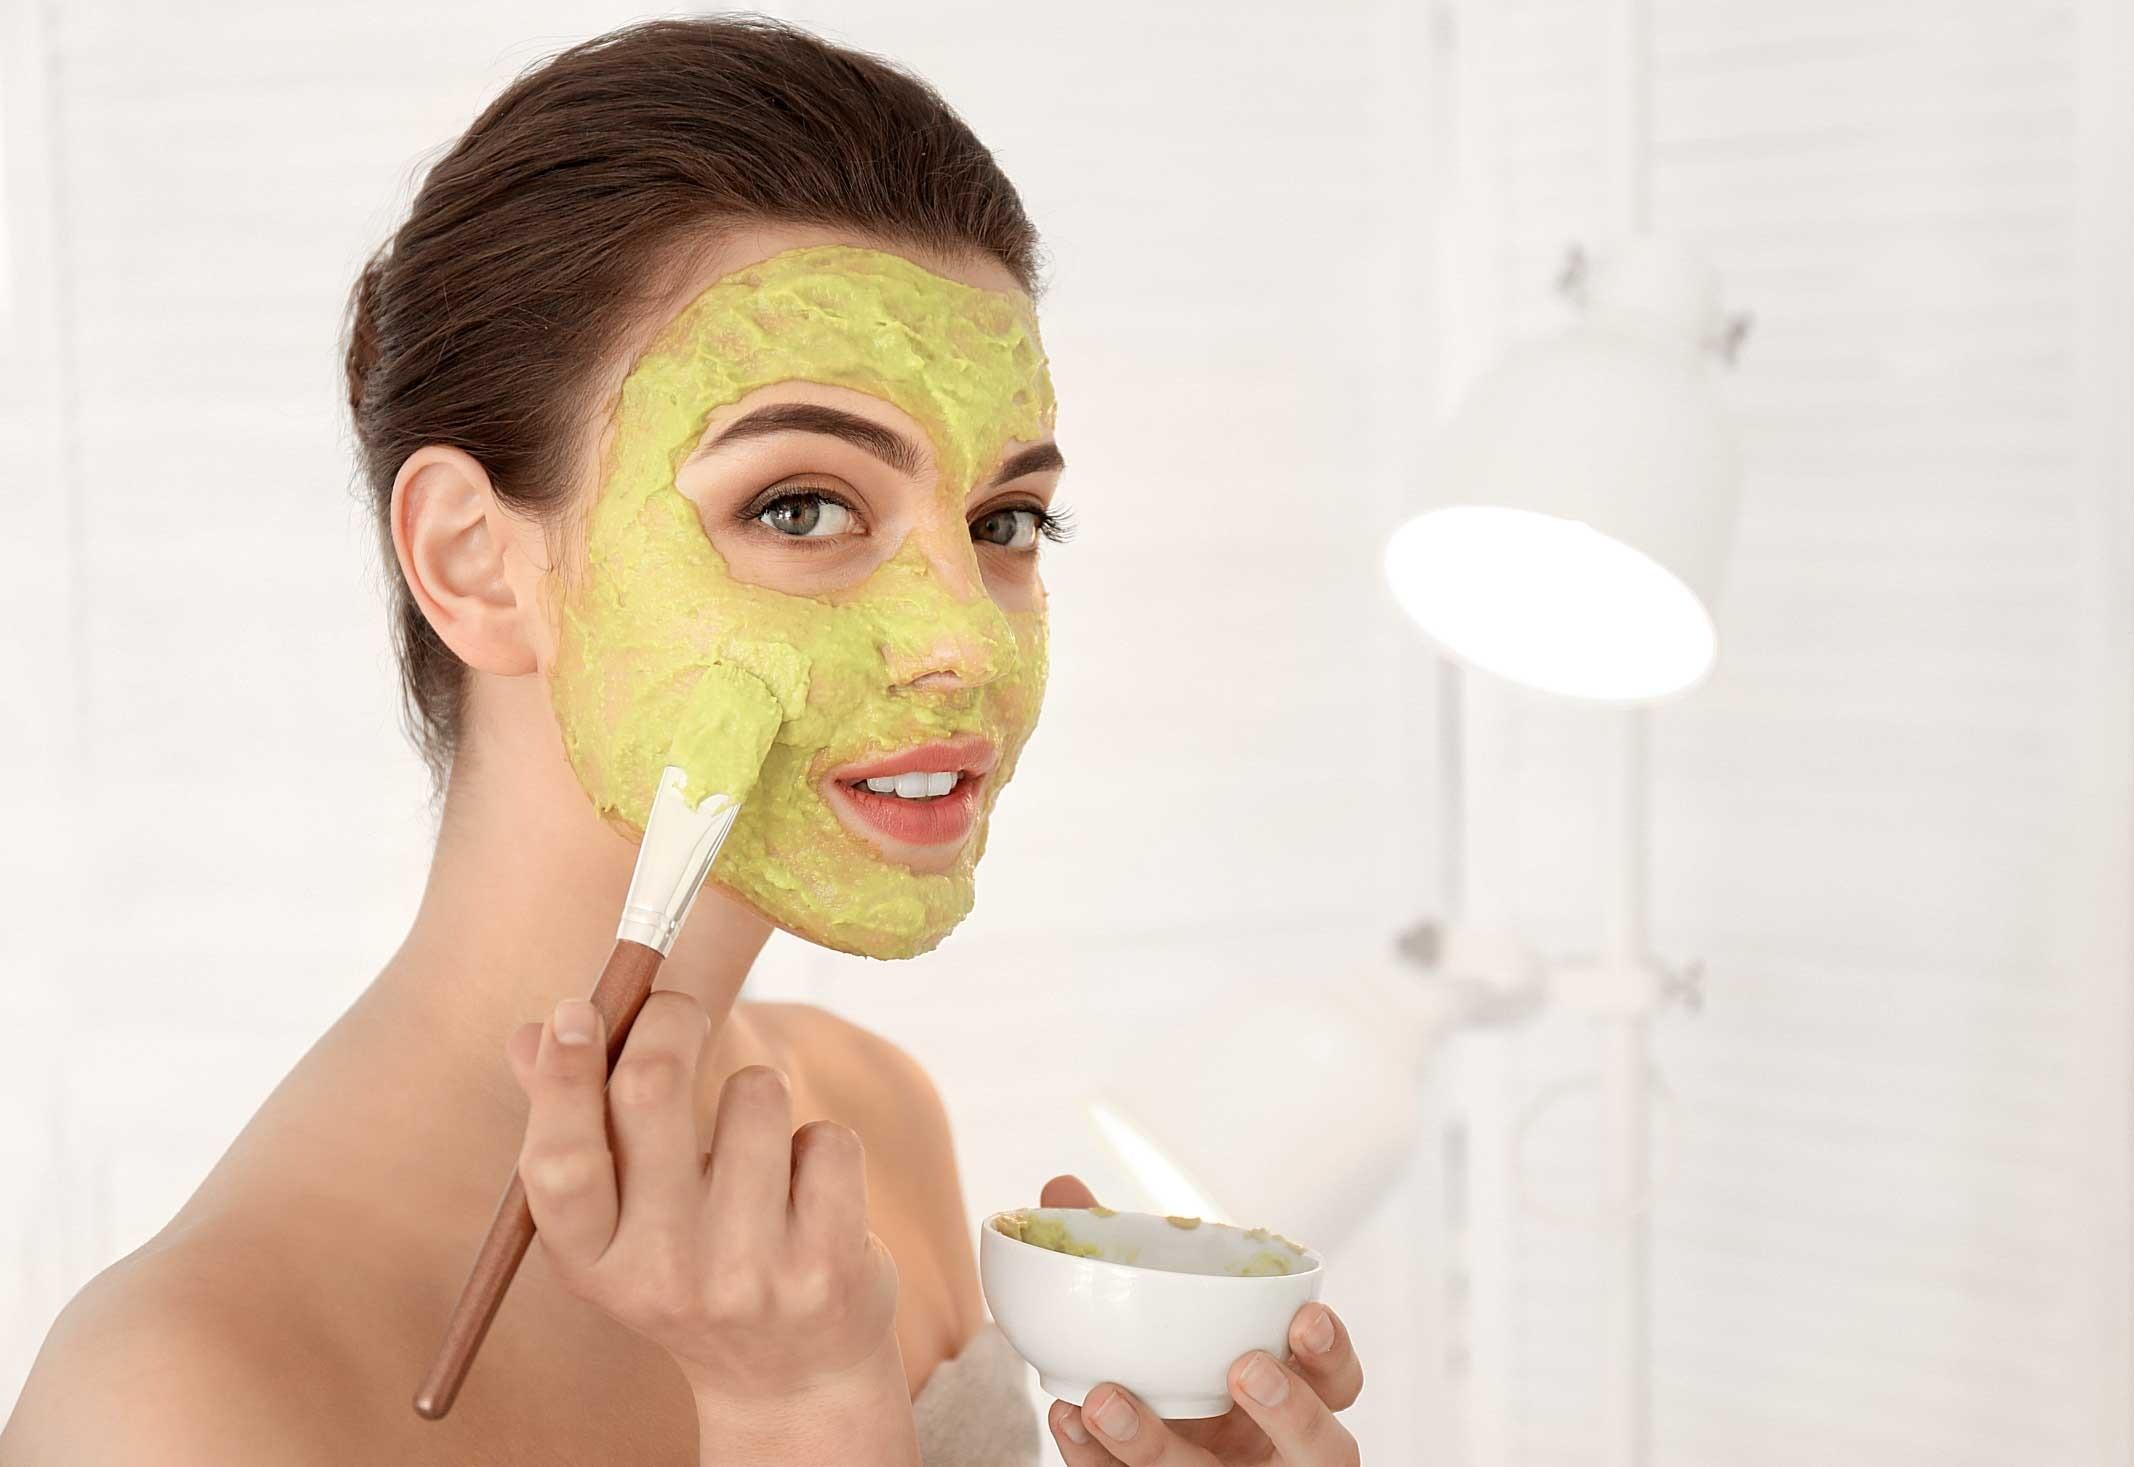 Рецепты красоты: 4 маски для лица из кабачков